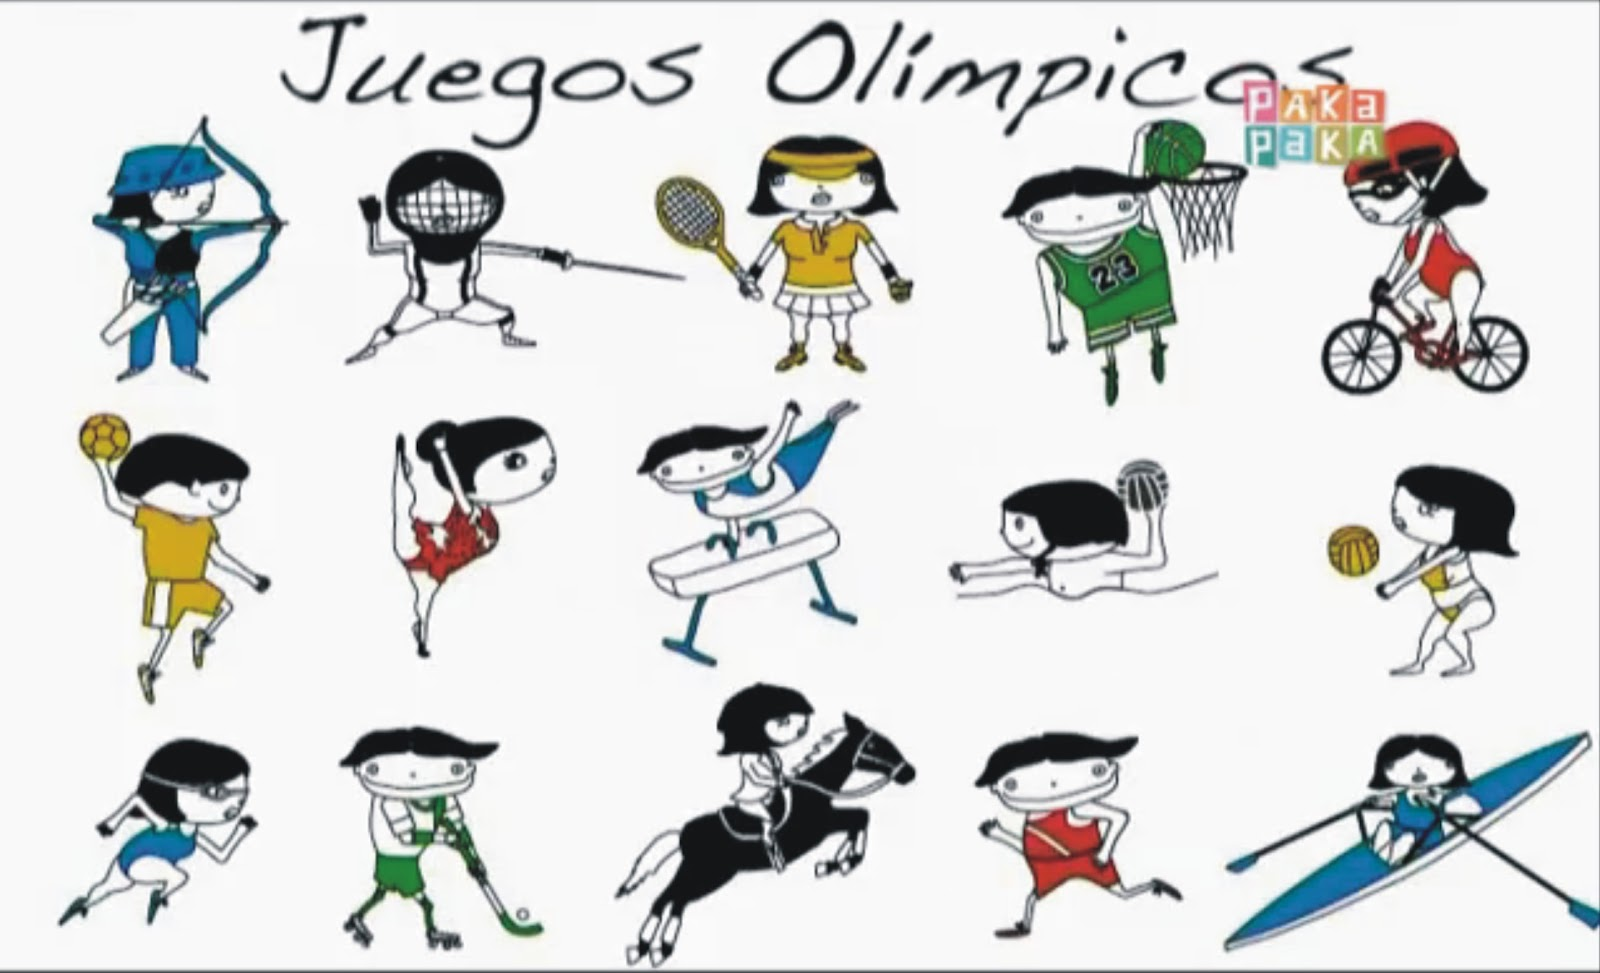 deporte de los juegos olimpicos: